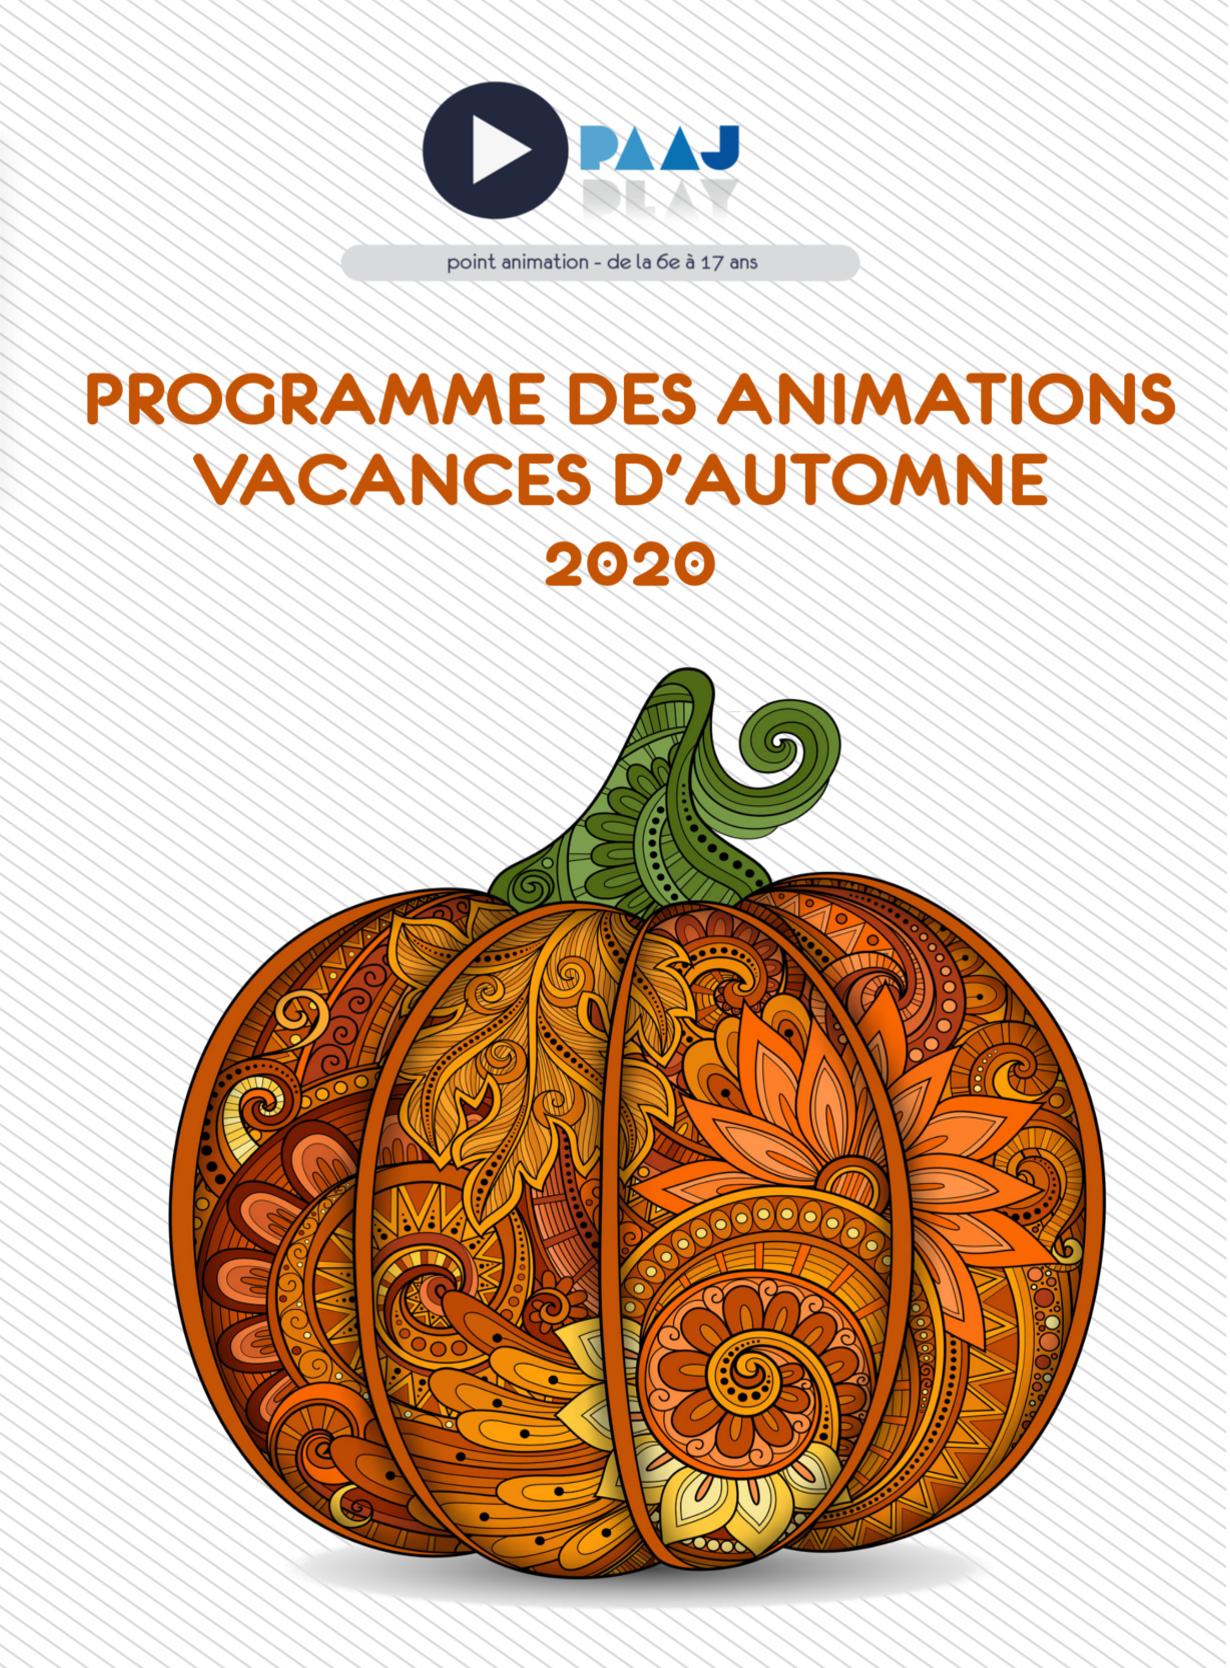 PAAJ – programme des vacances d'automne